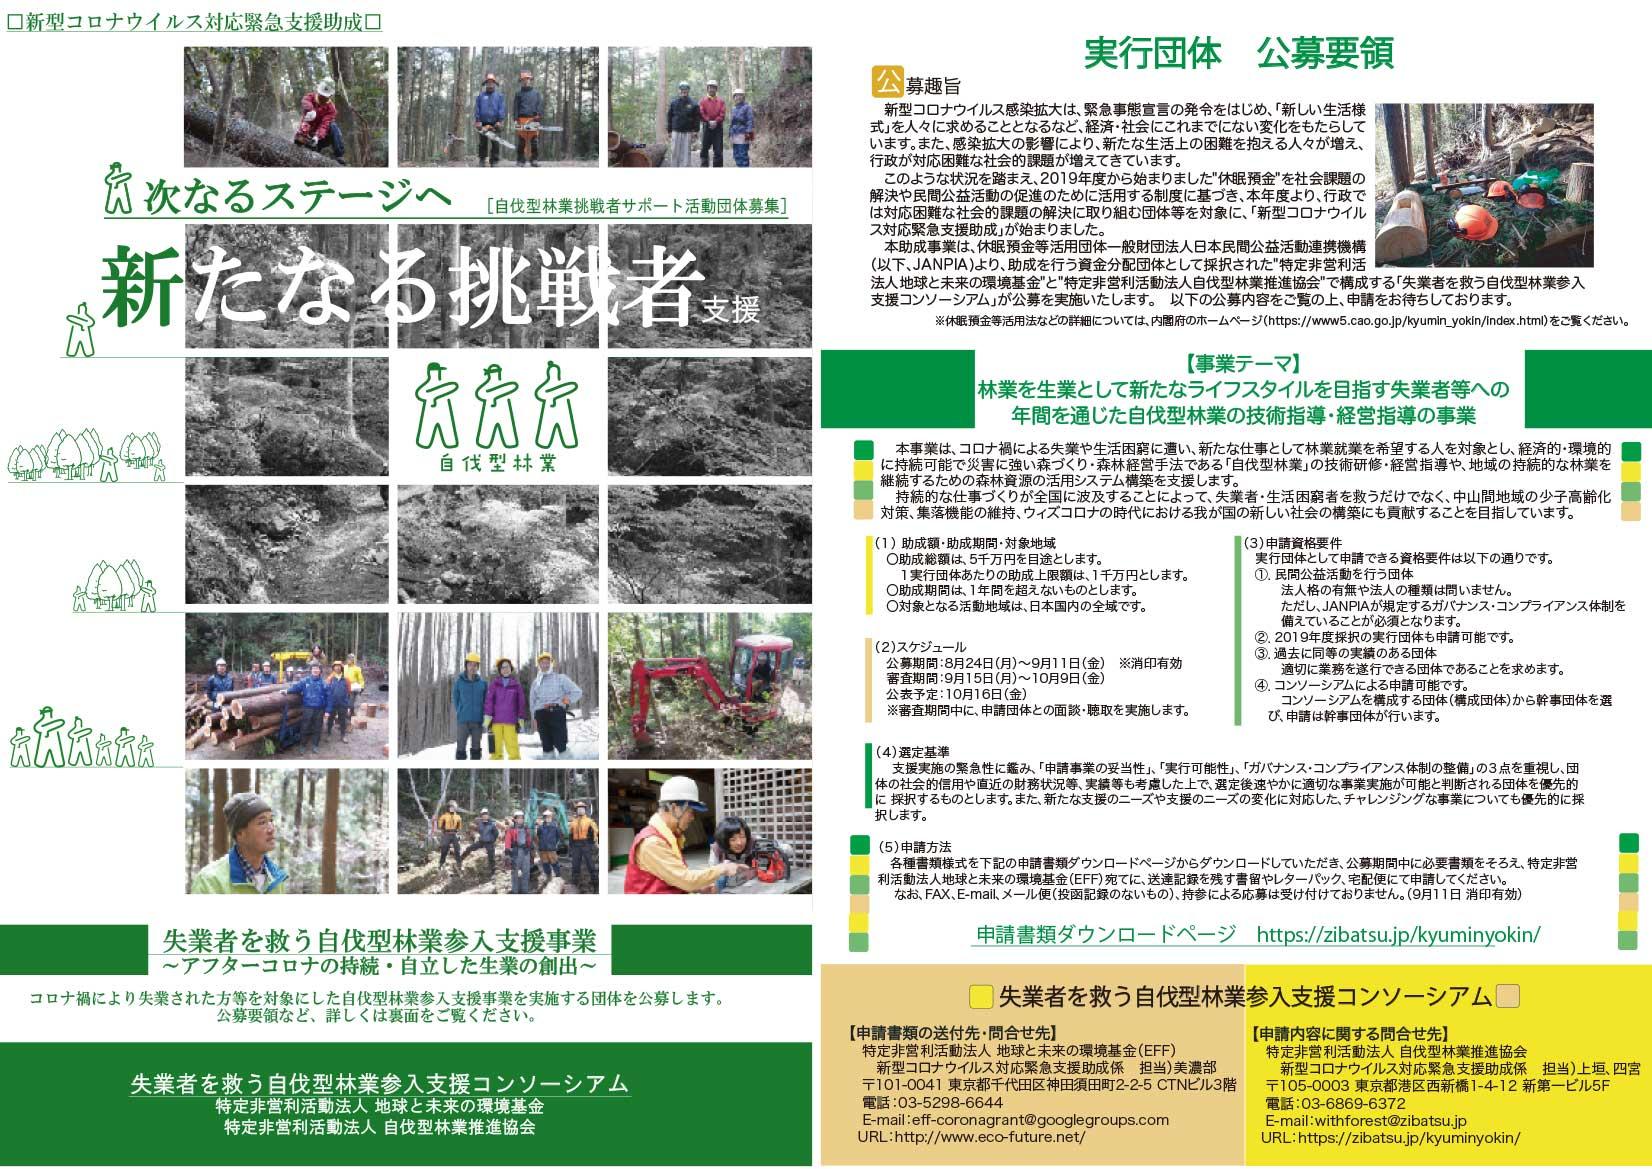 「失業者を救う自伐型林業参入支援事業」の助成受付がスタートします